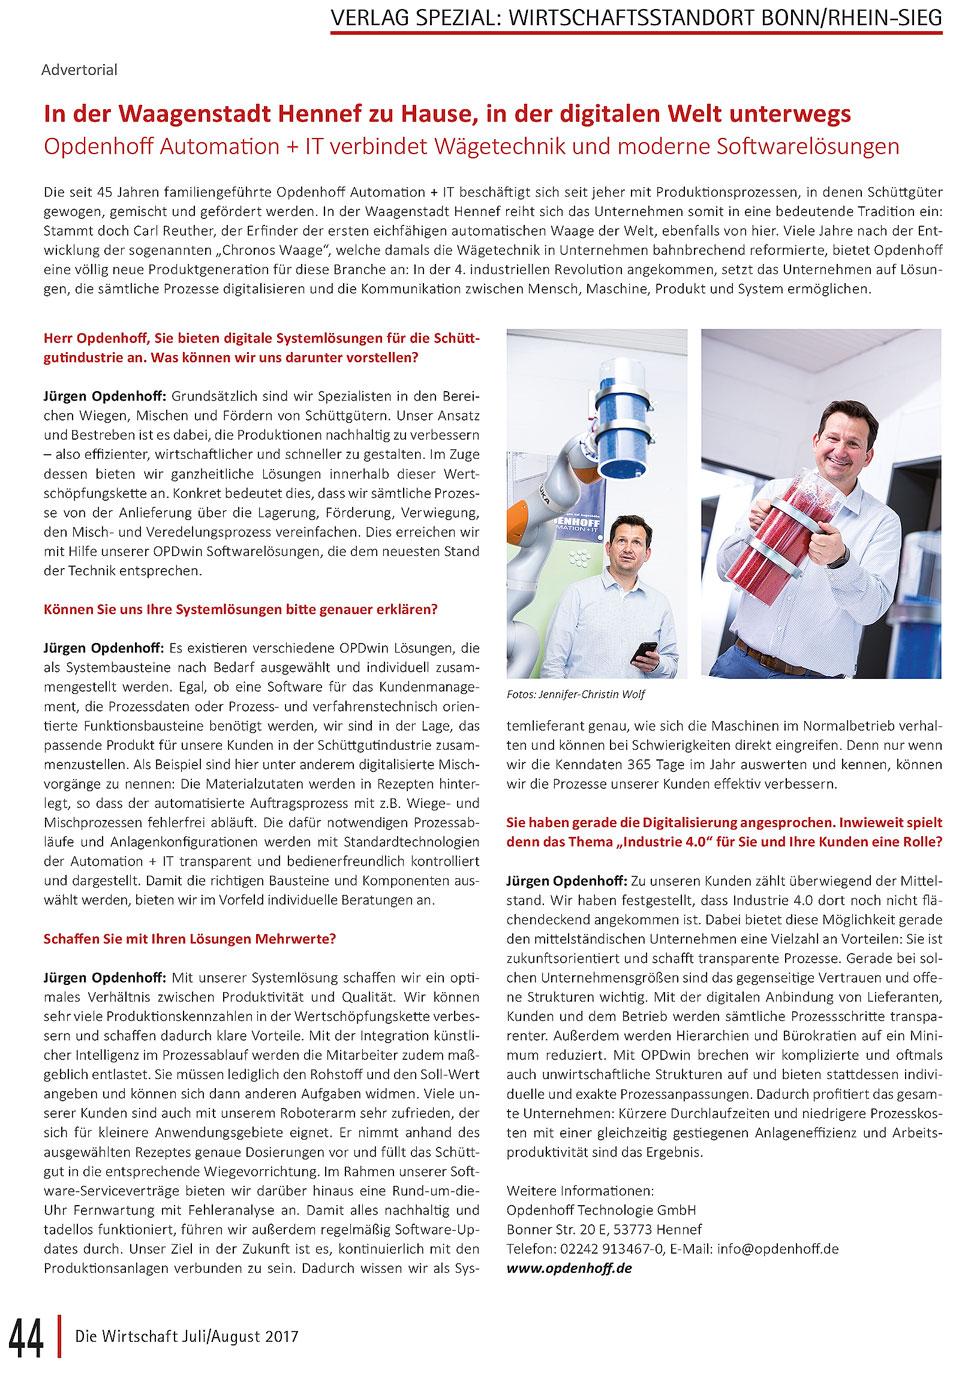 Die Wirtschaft Opdenhoff Hennef Automation & IT Jennifer Wolf Industriefotografie Fotografie Industrie 4.0 Fotografin Fotograf